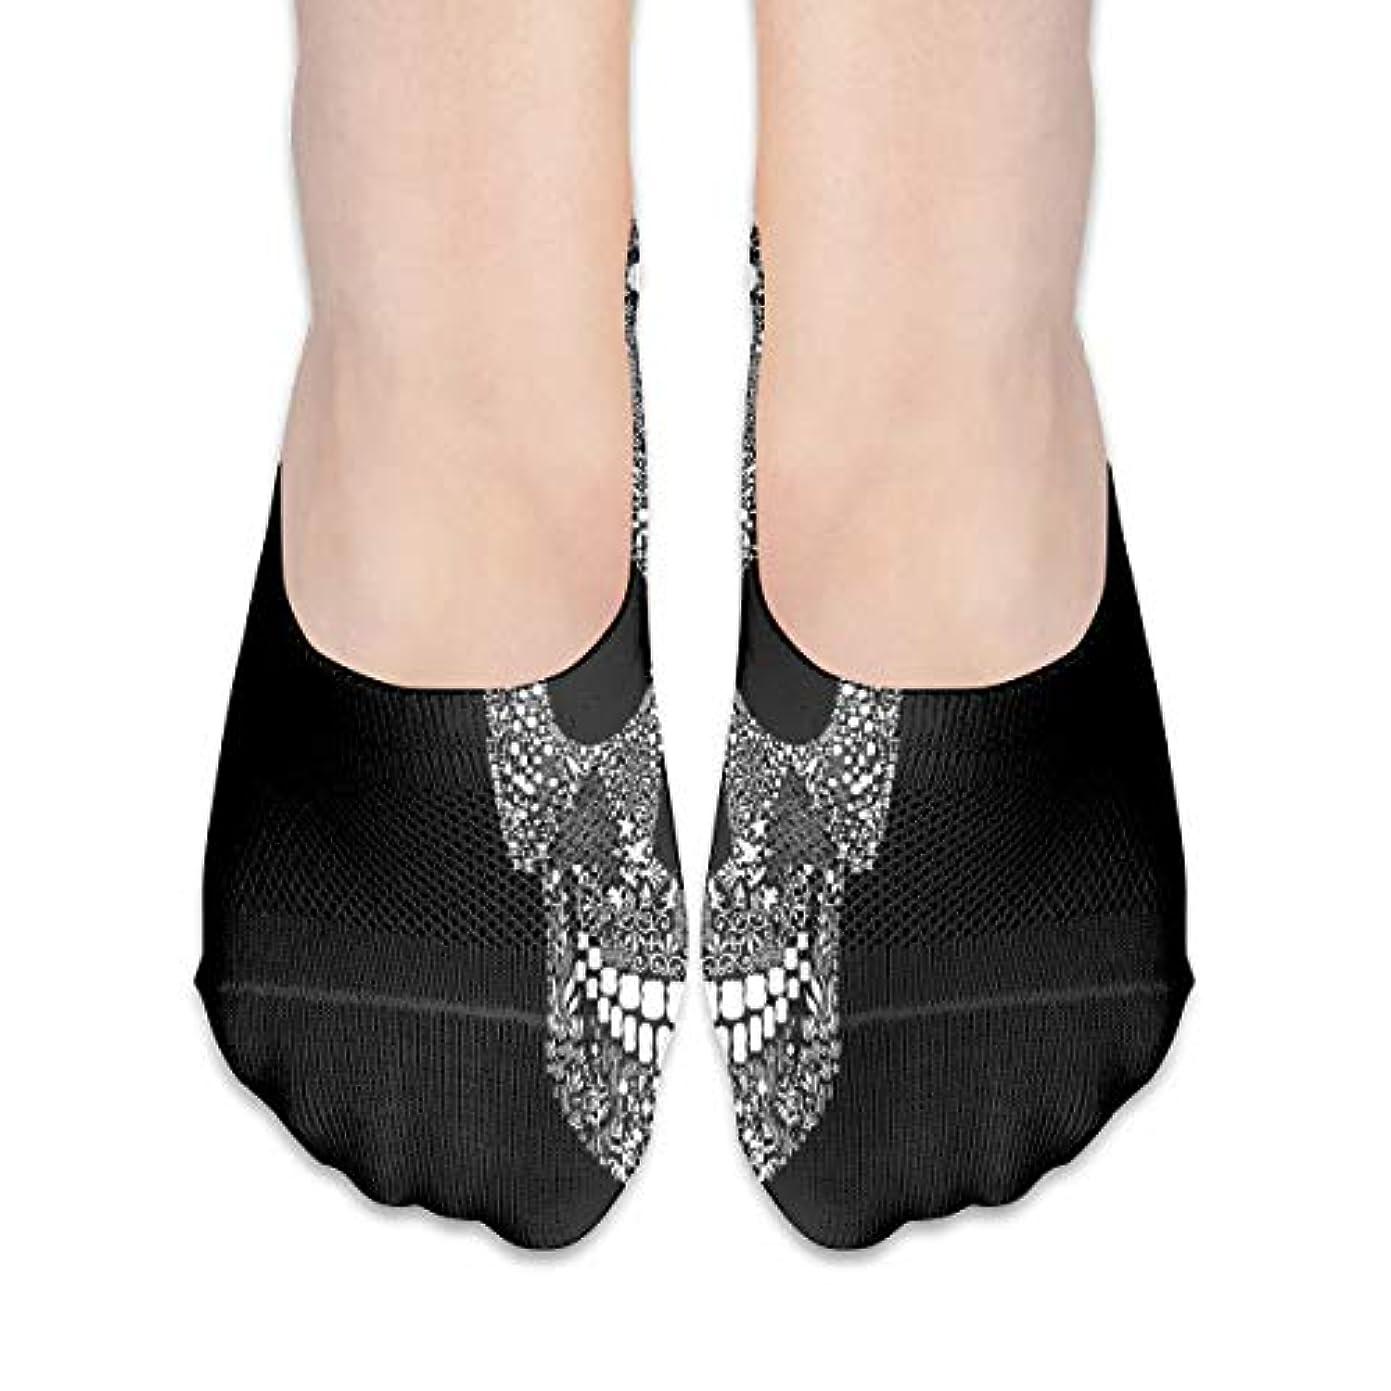 ブリーフケース道路反逆女性のためのショーの靴下はローカットカジュアルソックス非スリップおかしいスカルブラック